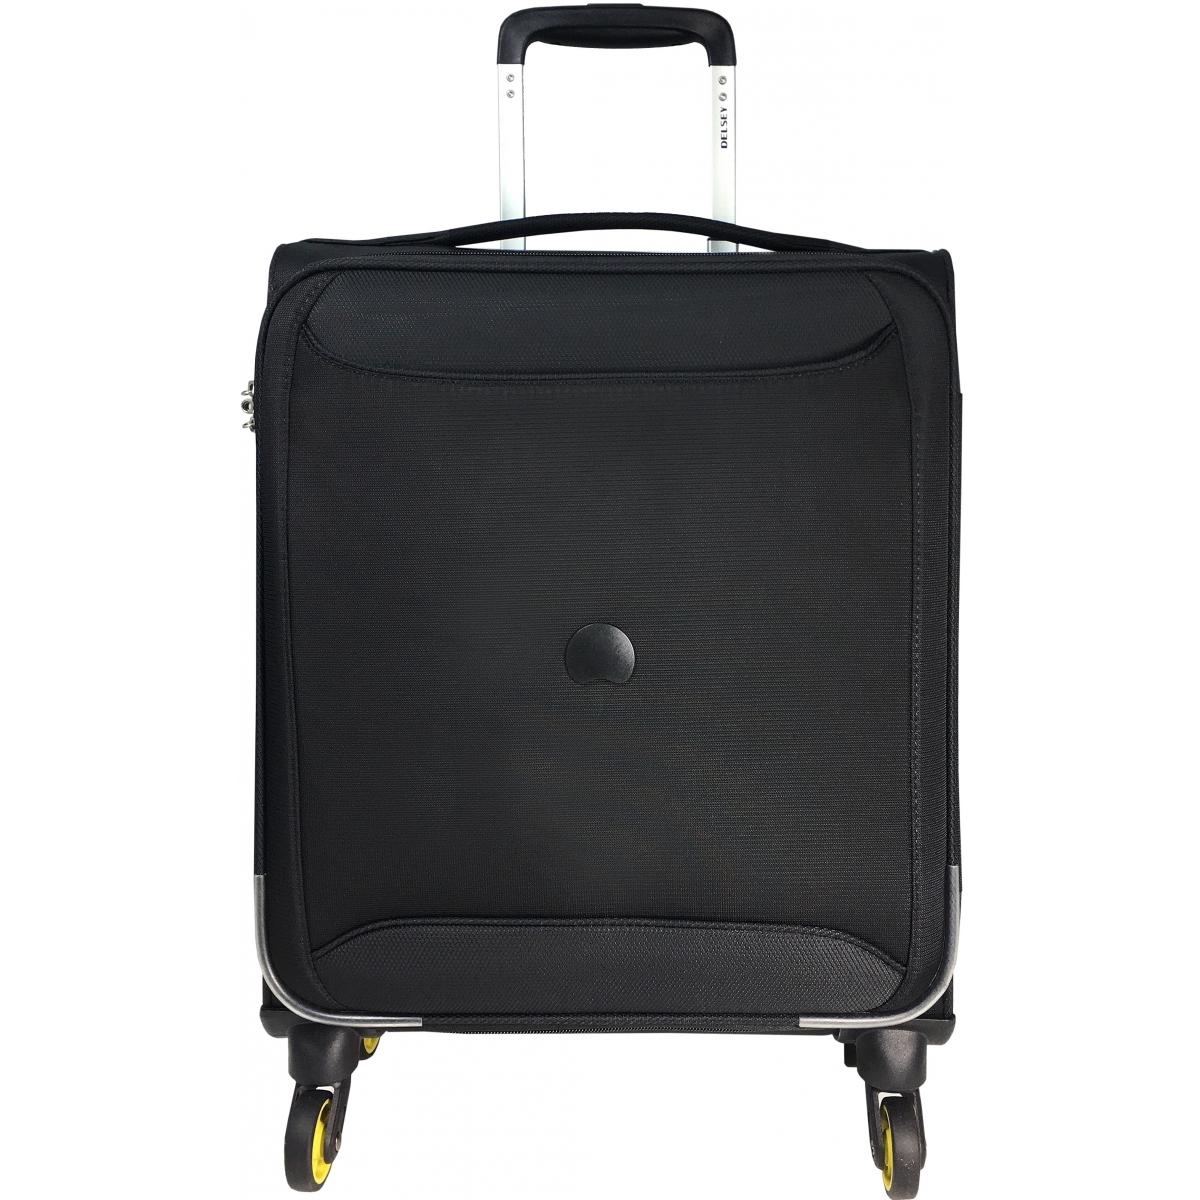 valise cabine souple tsa delsey chartreuse 55 cm chartreuse803 noir couleur principale